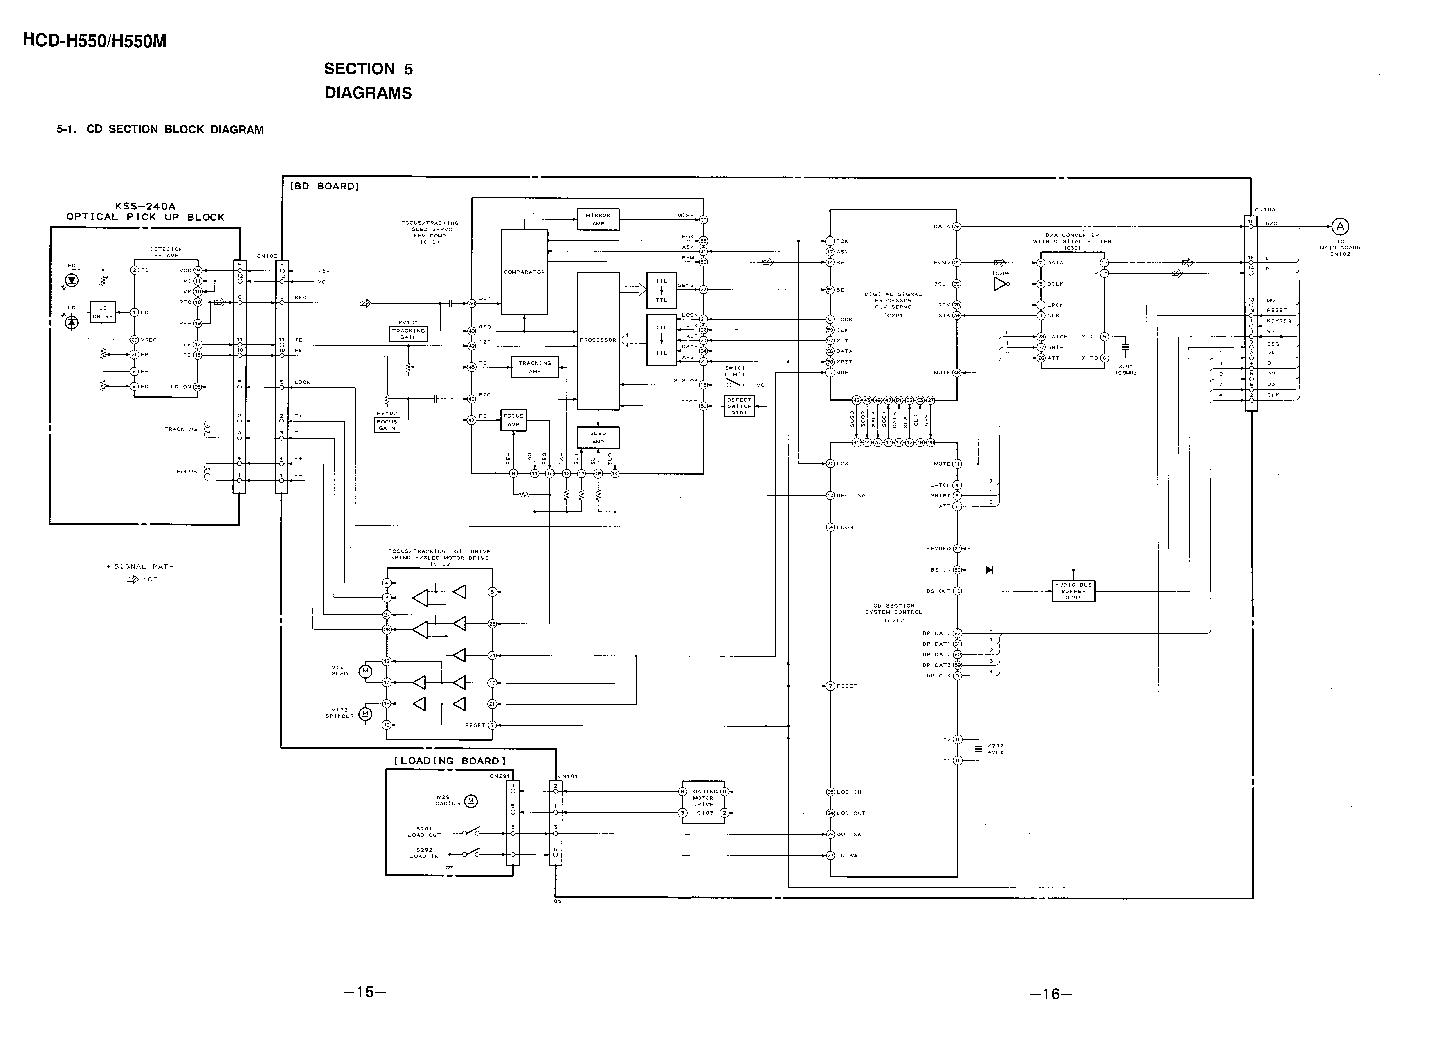 SONY HCD H550 M SCH Service Manual download, schematics